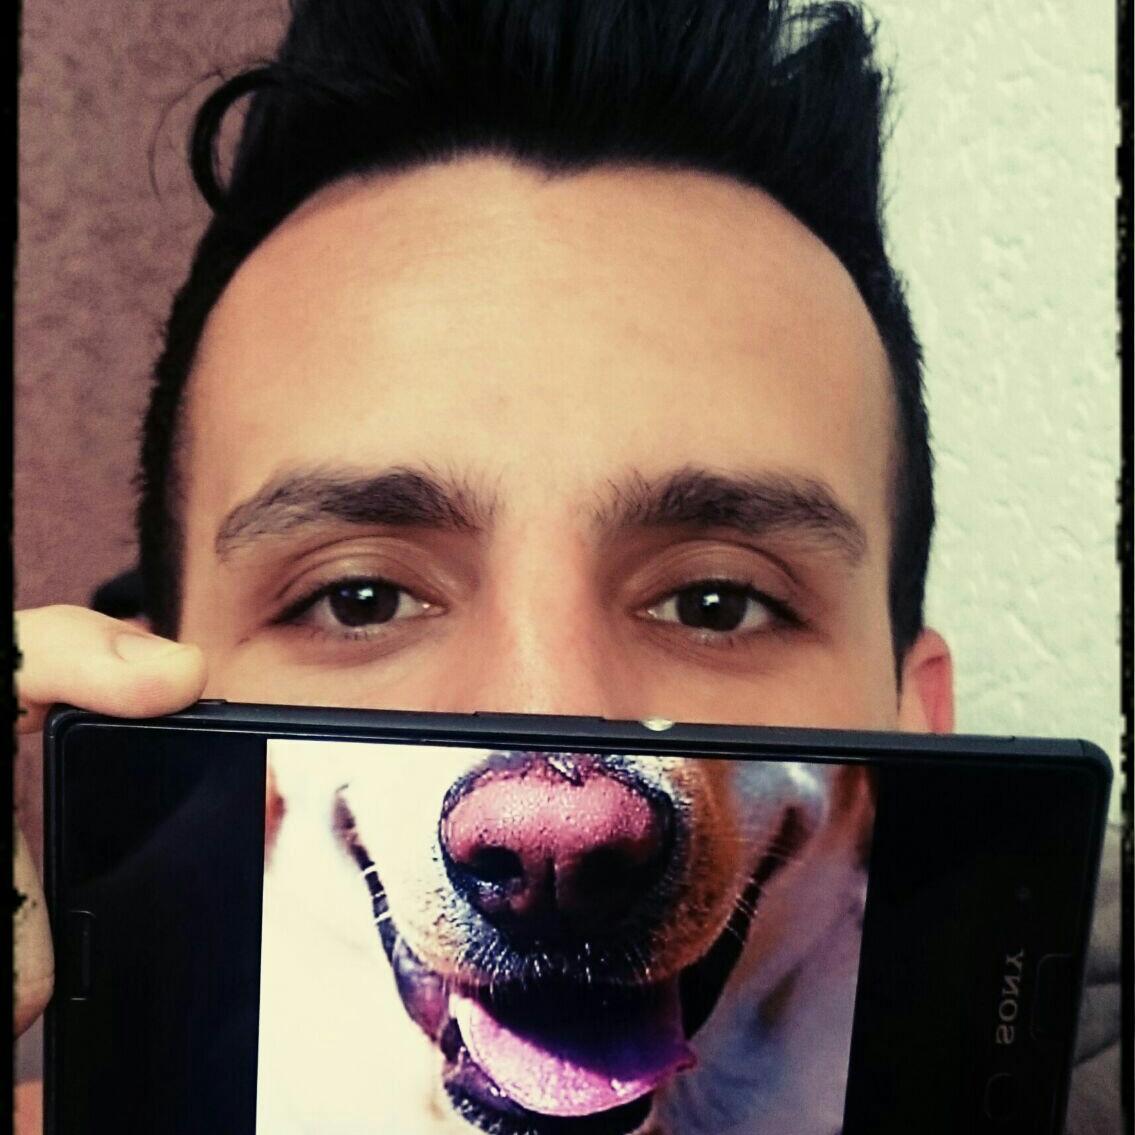 Daniel Chagas